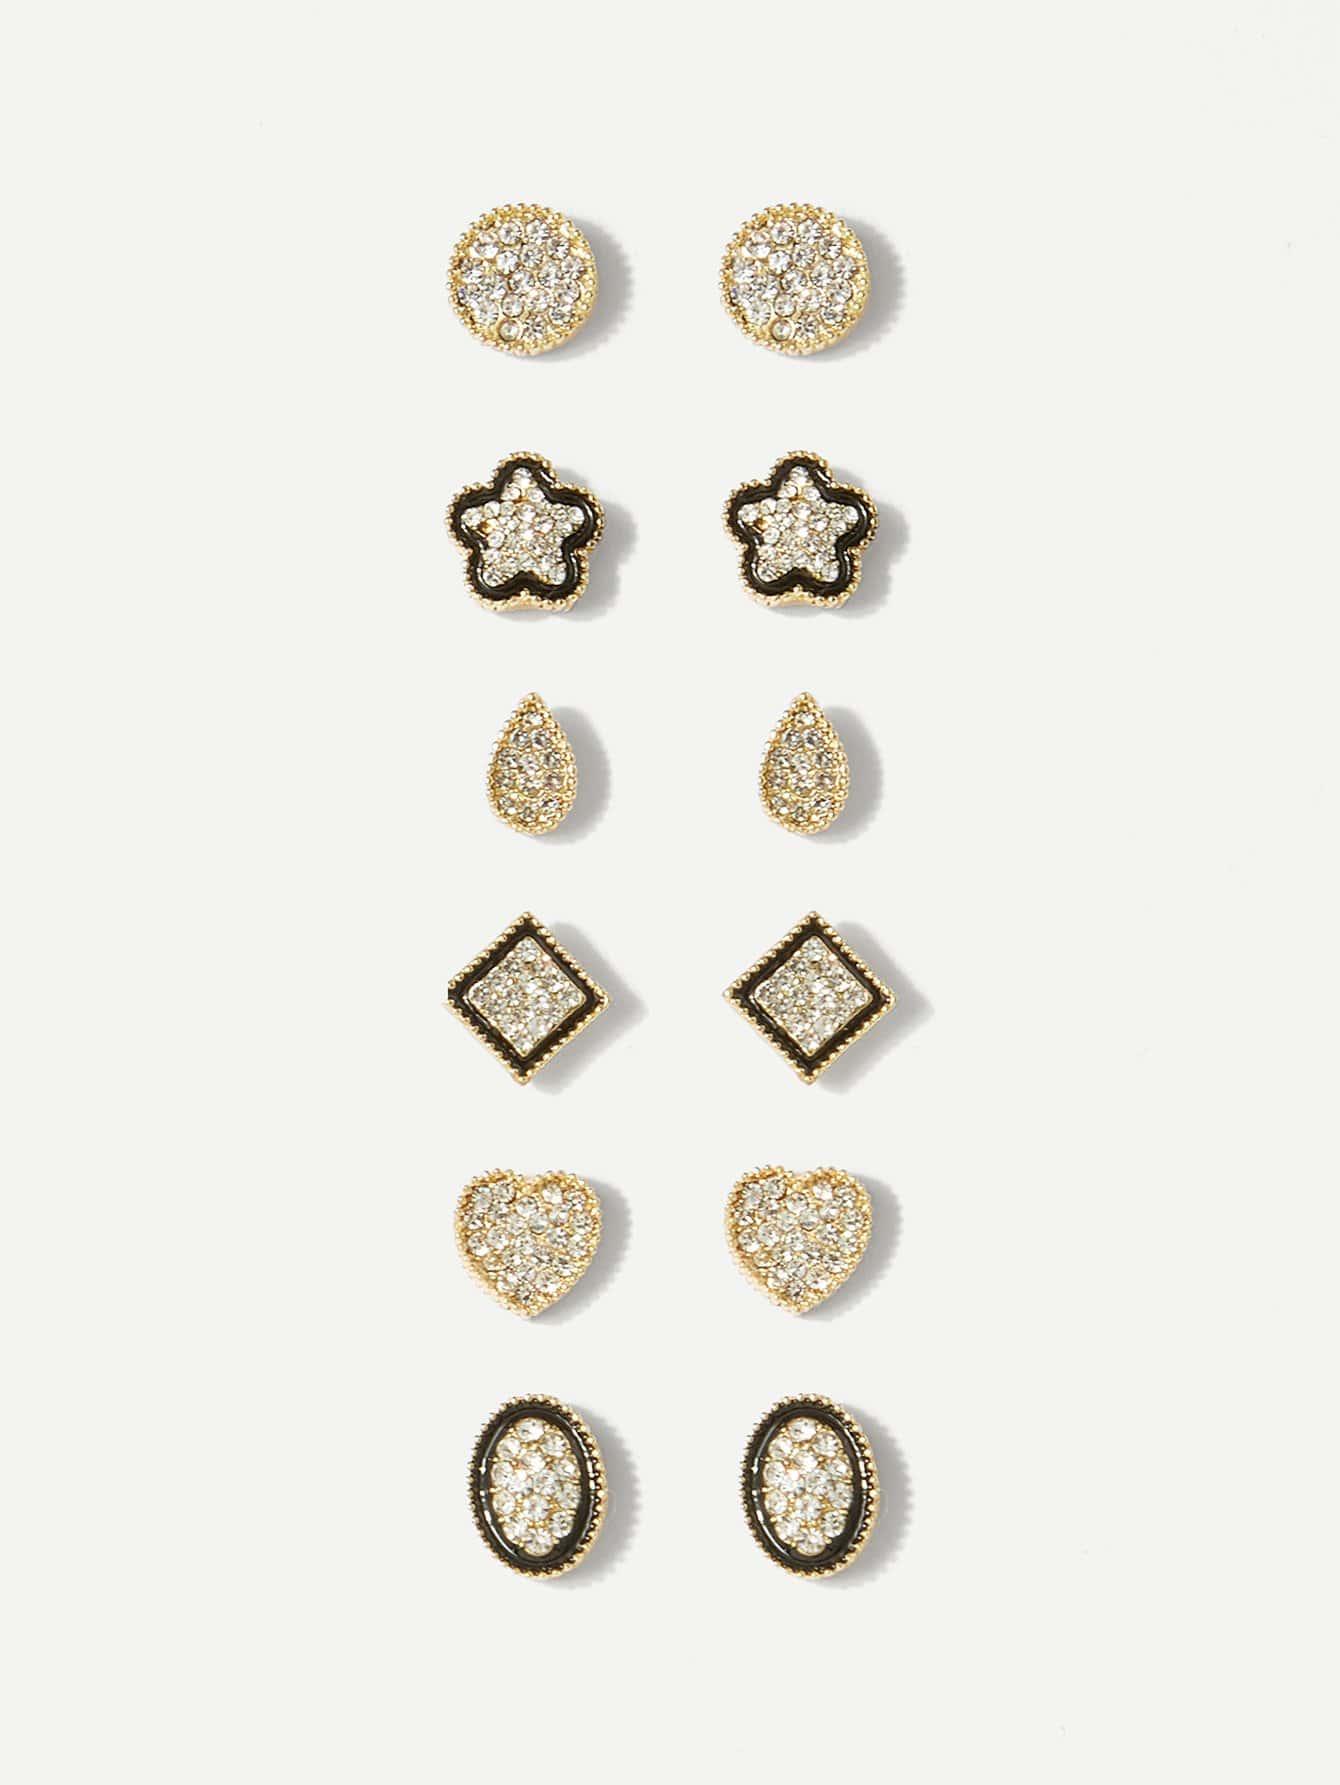 Rhinestone Heart & Flower Stud Earrings 6pairs